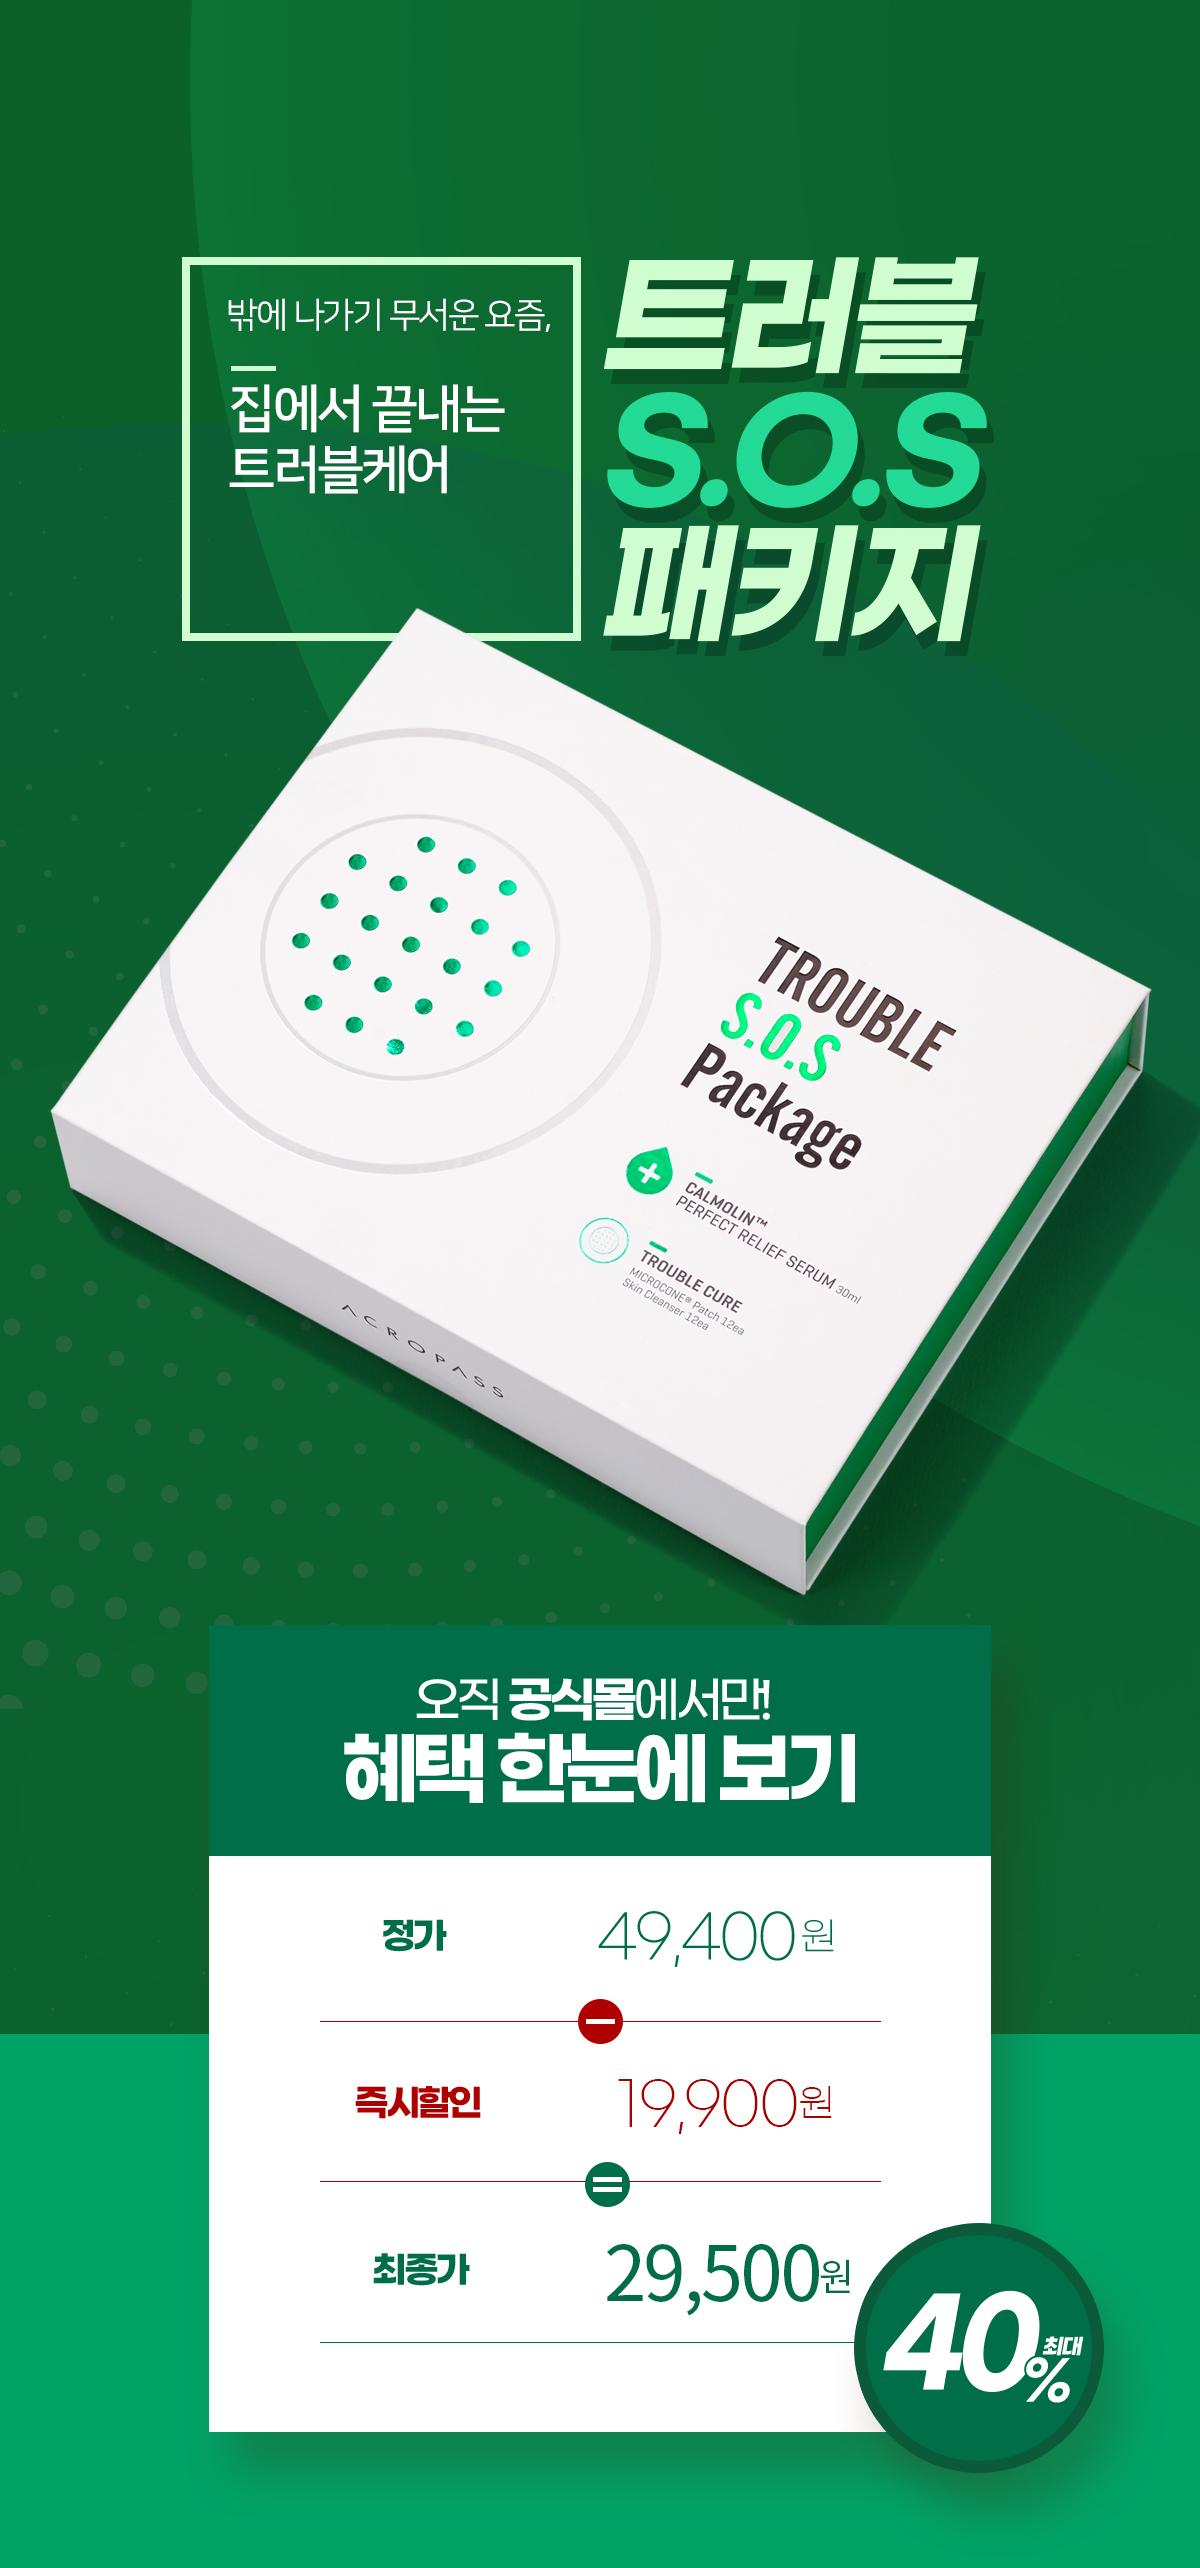 TroubleSOSPackage_02.jpg